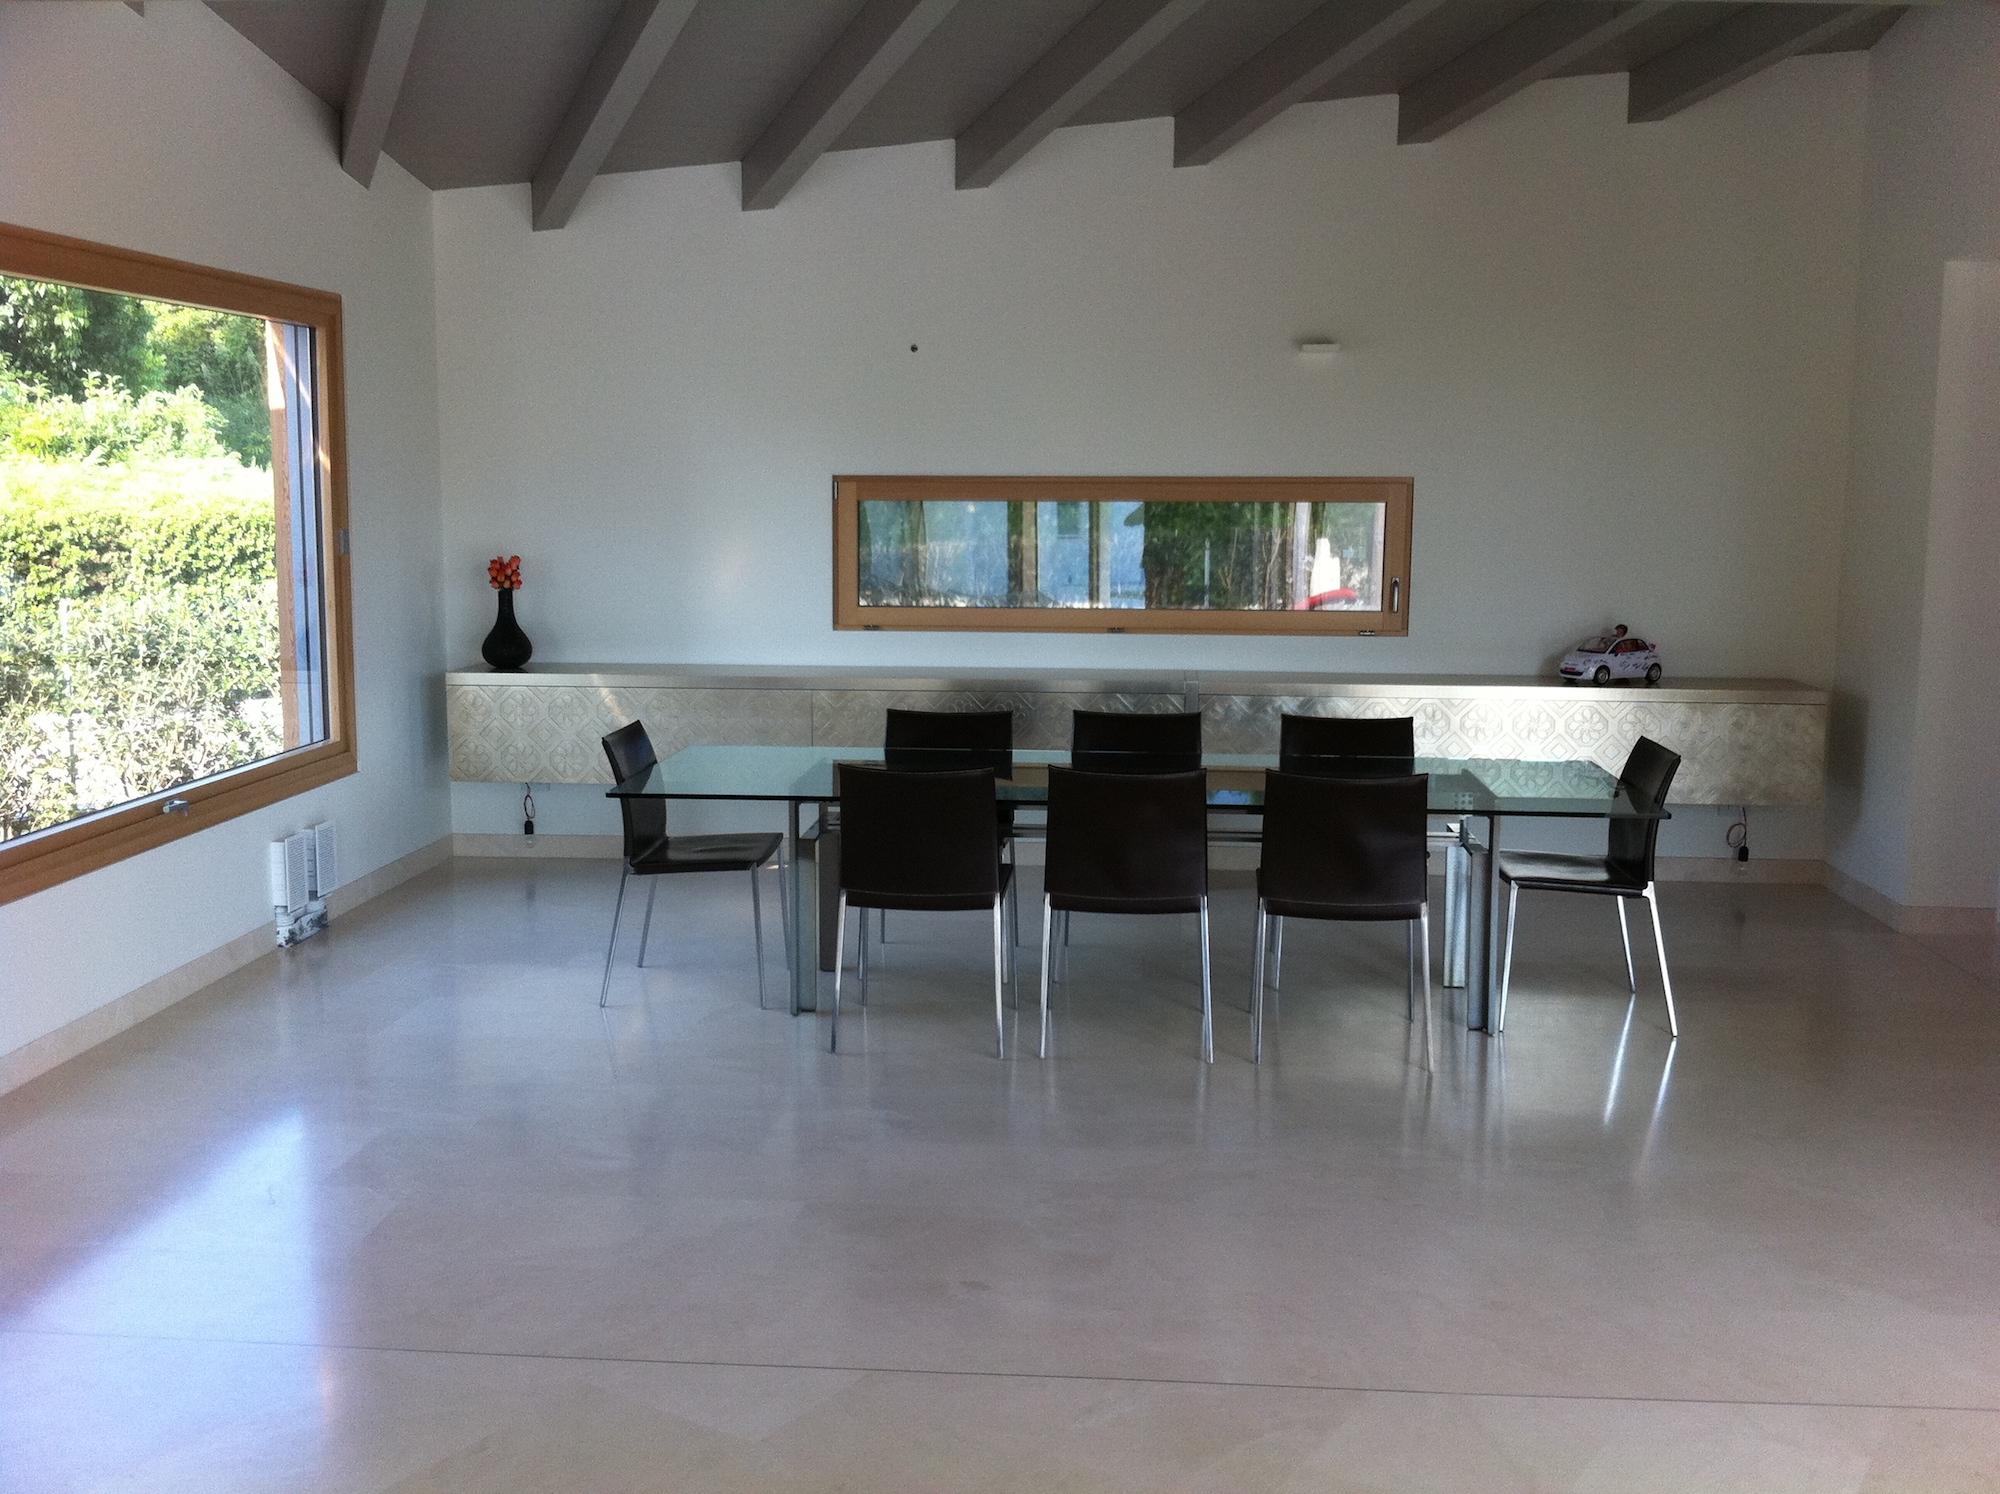 Abitazione privata di Montebelluna (Treviso)